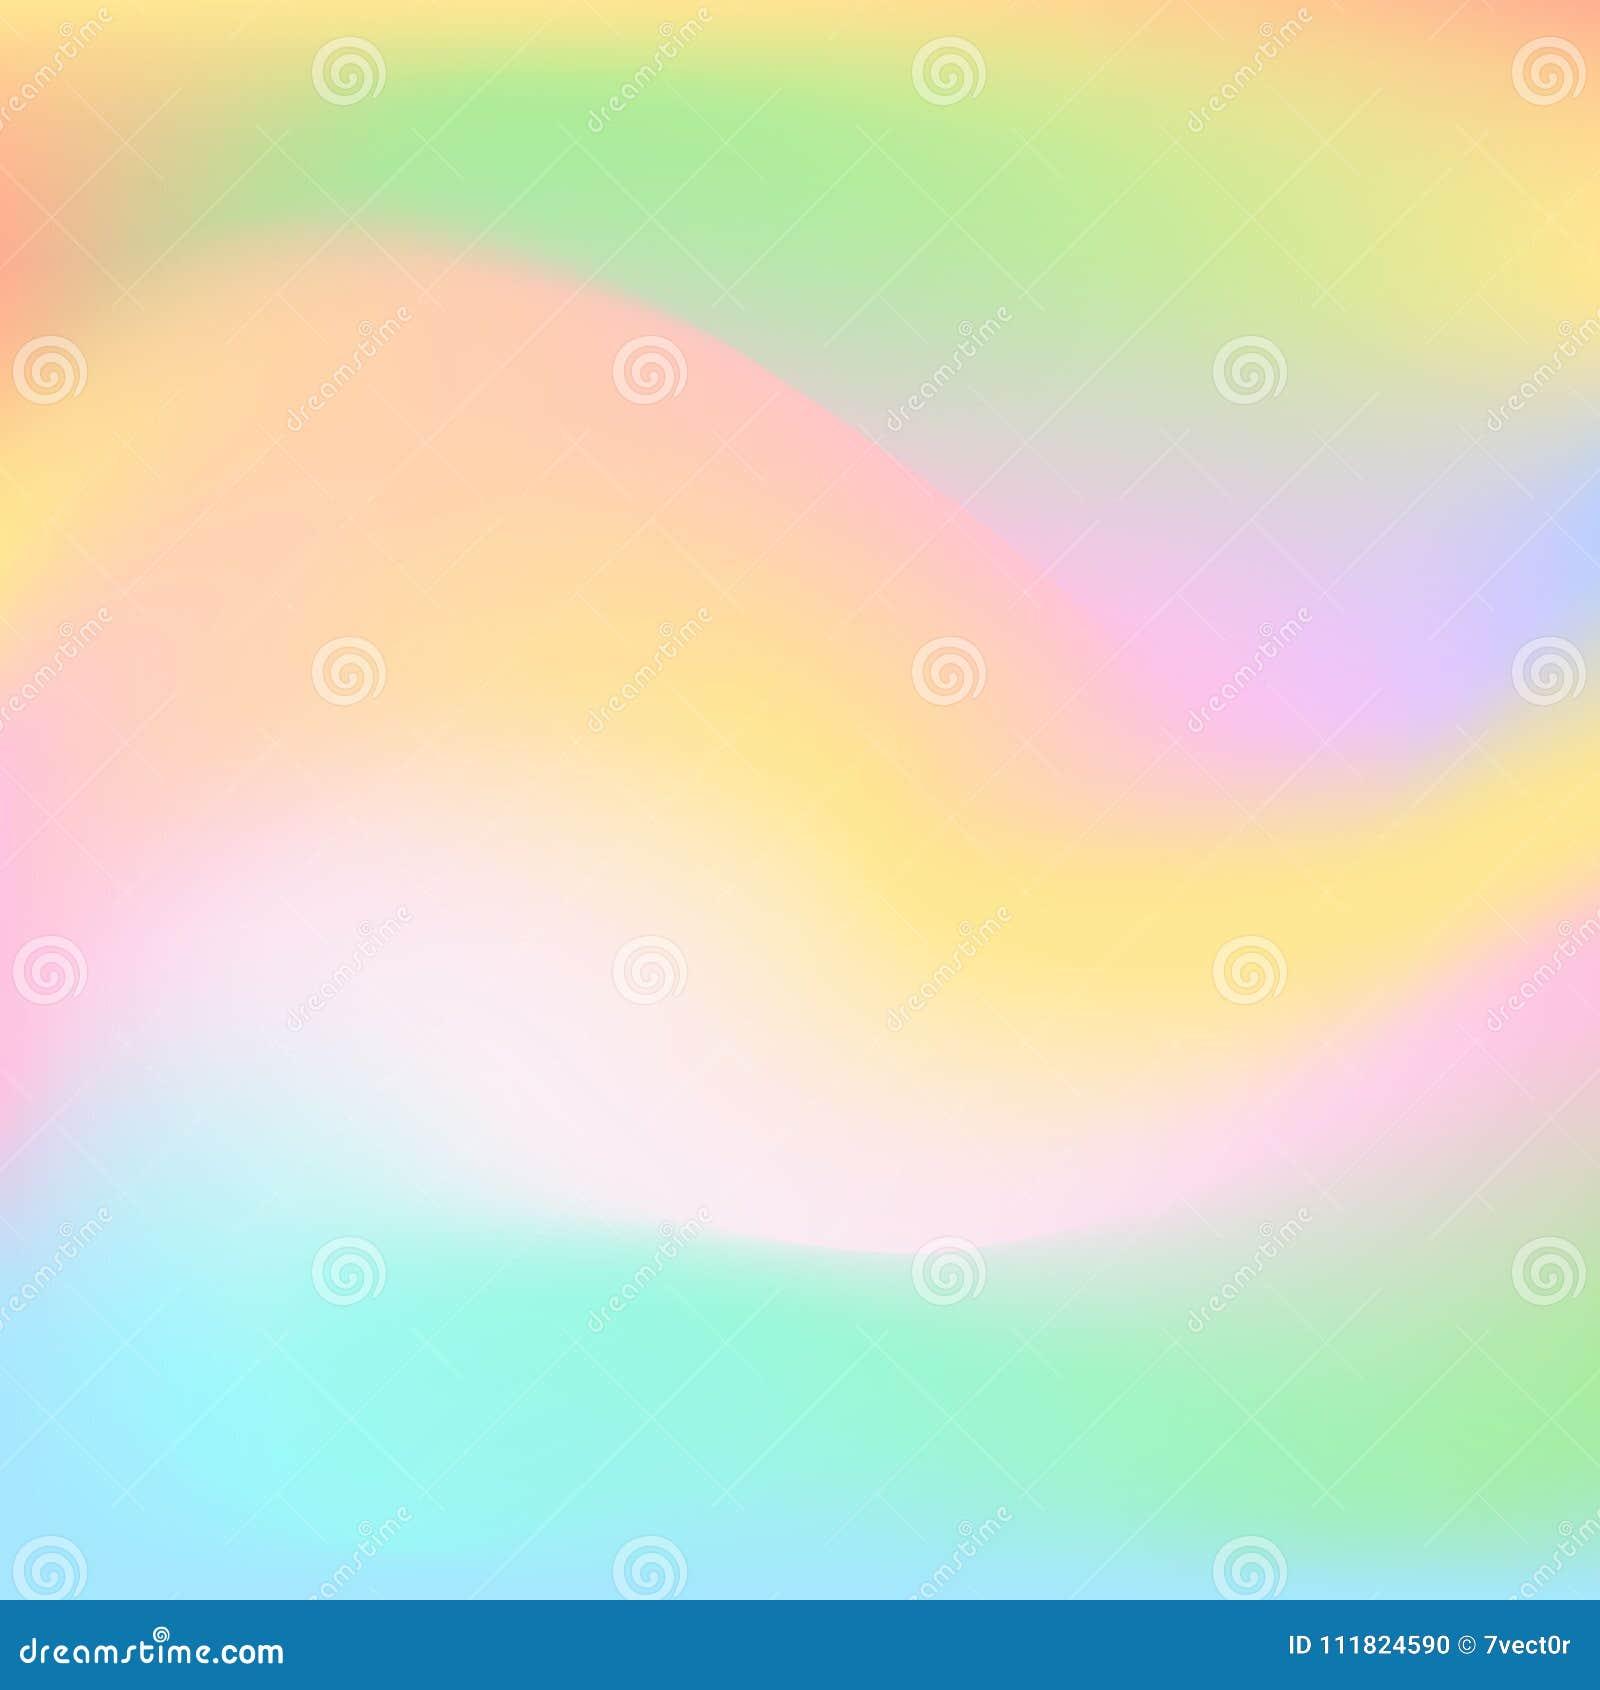 Запачканные цвета мягкого красочного желтого цвета голубого зеленого цвета весны пасхи свежего ровного розового белые приглаживаю